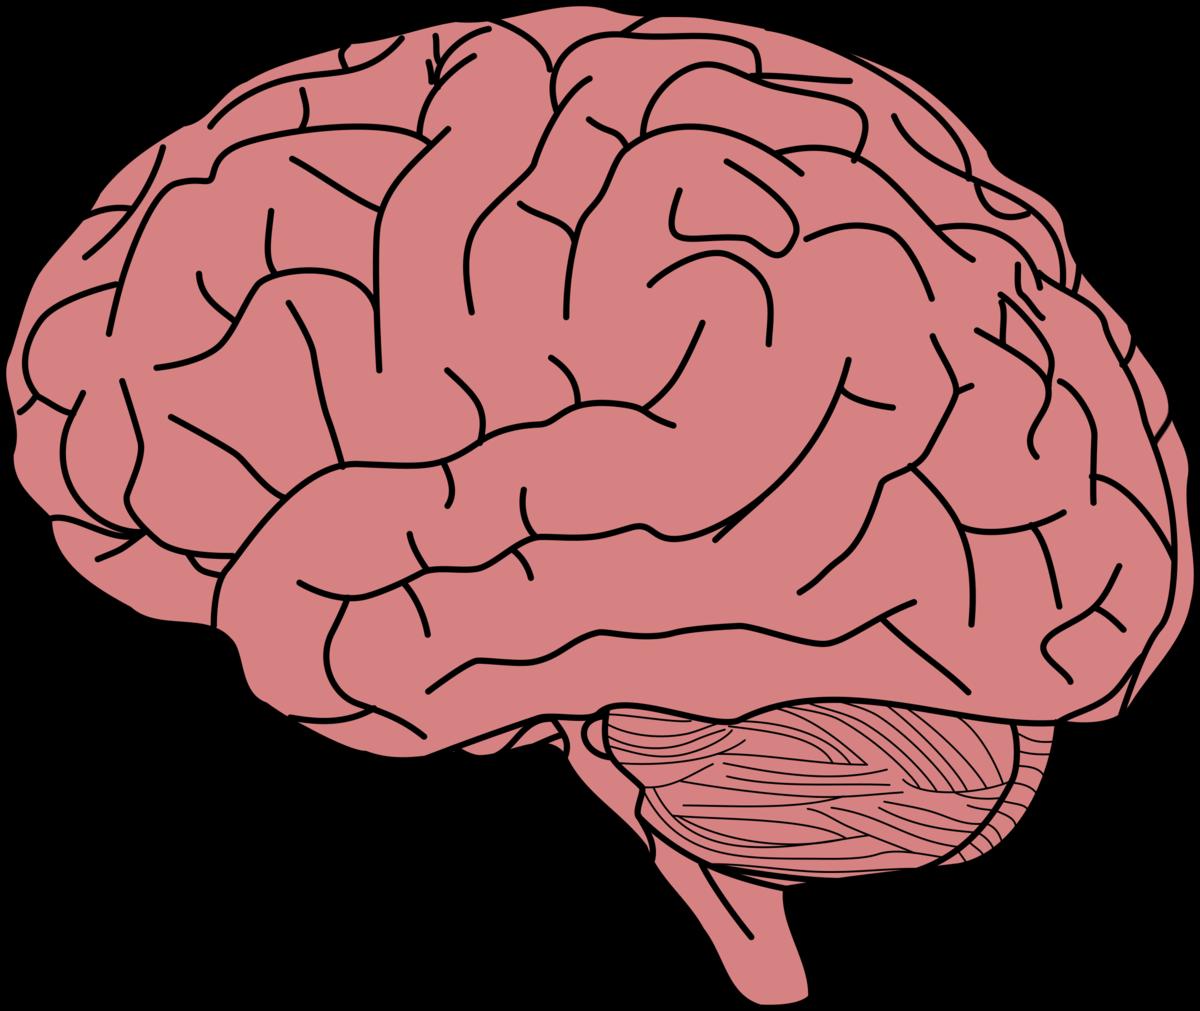 Ветров картинки, картинки мозга для детей